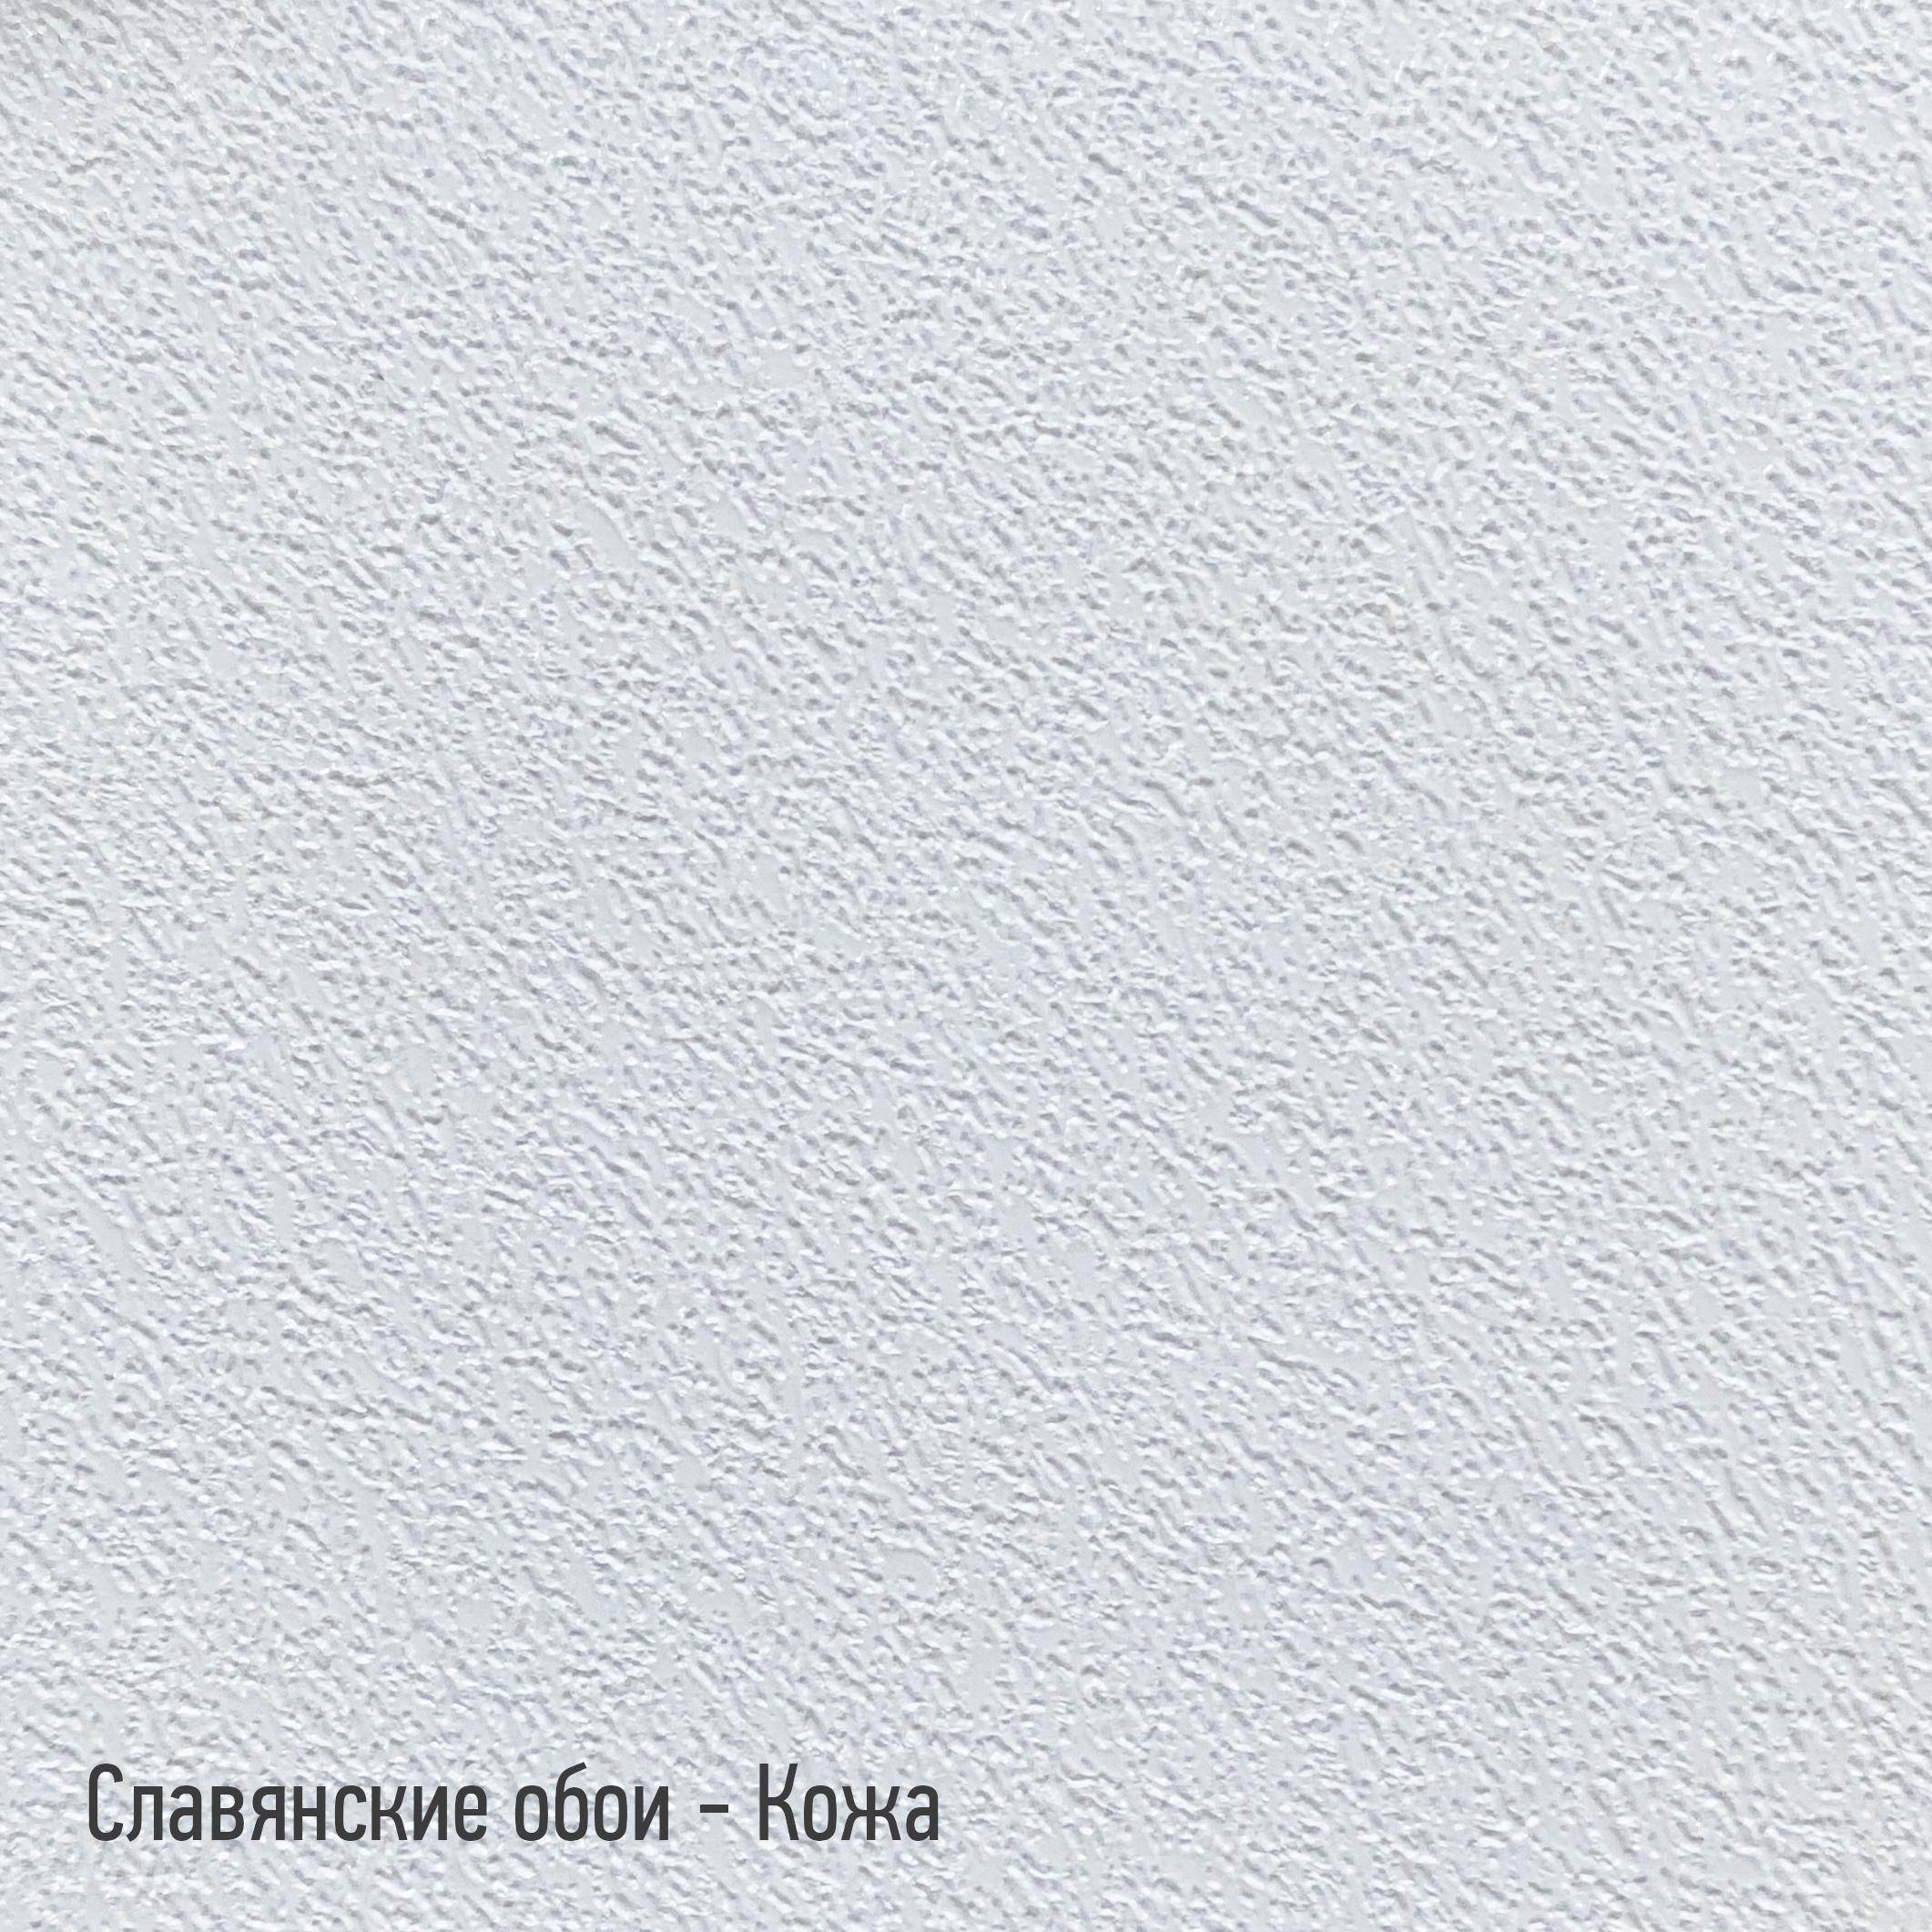 Славянские обои Кожа - фото №1